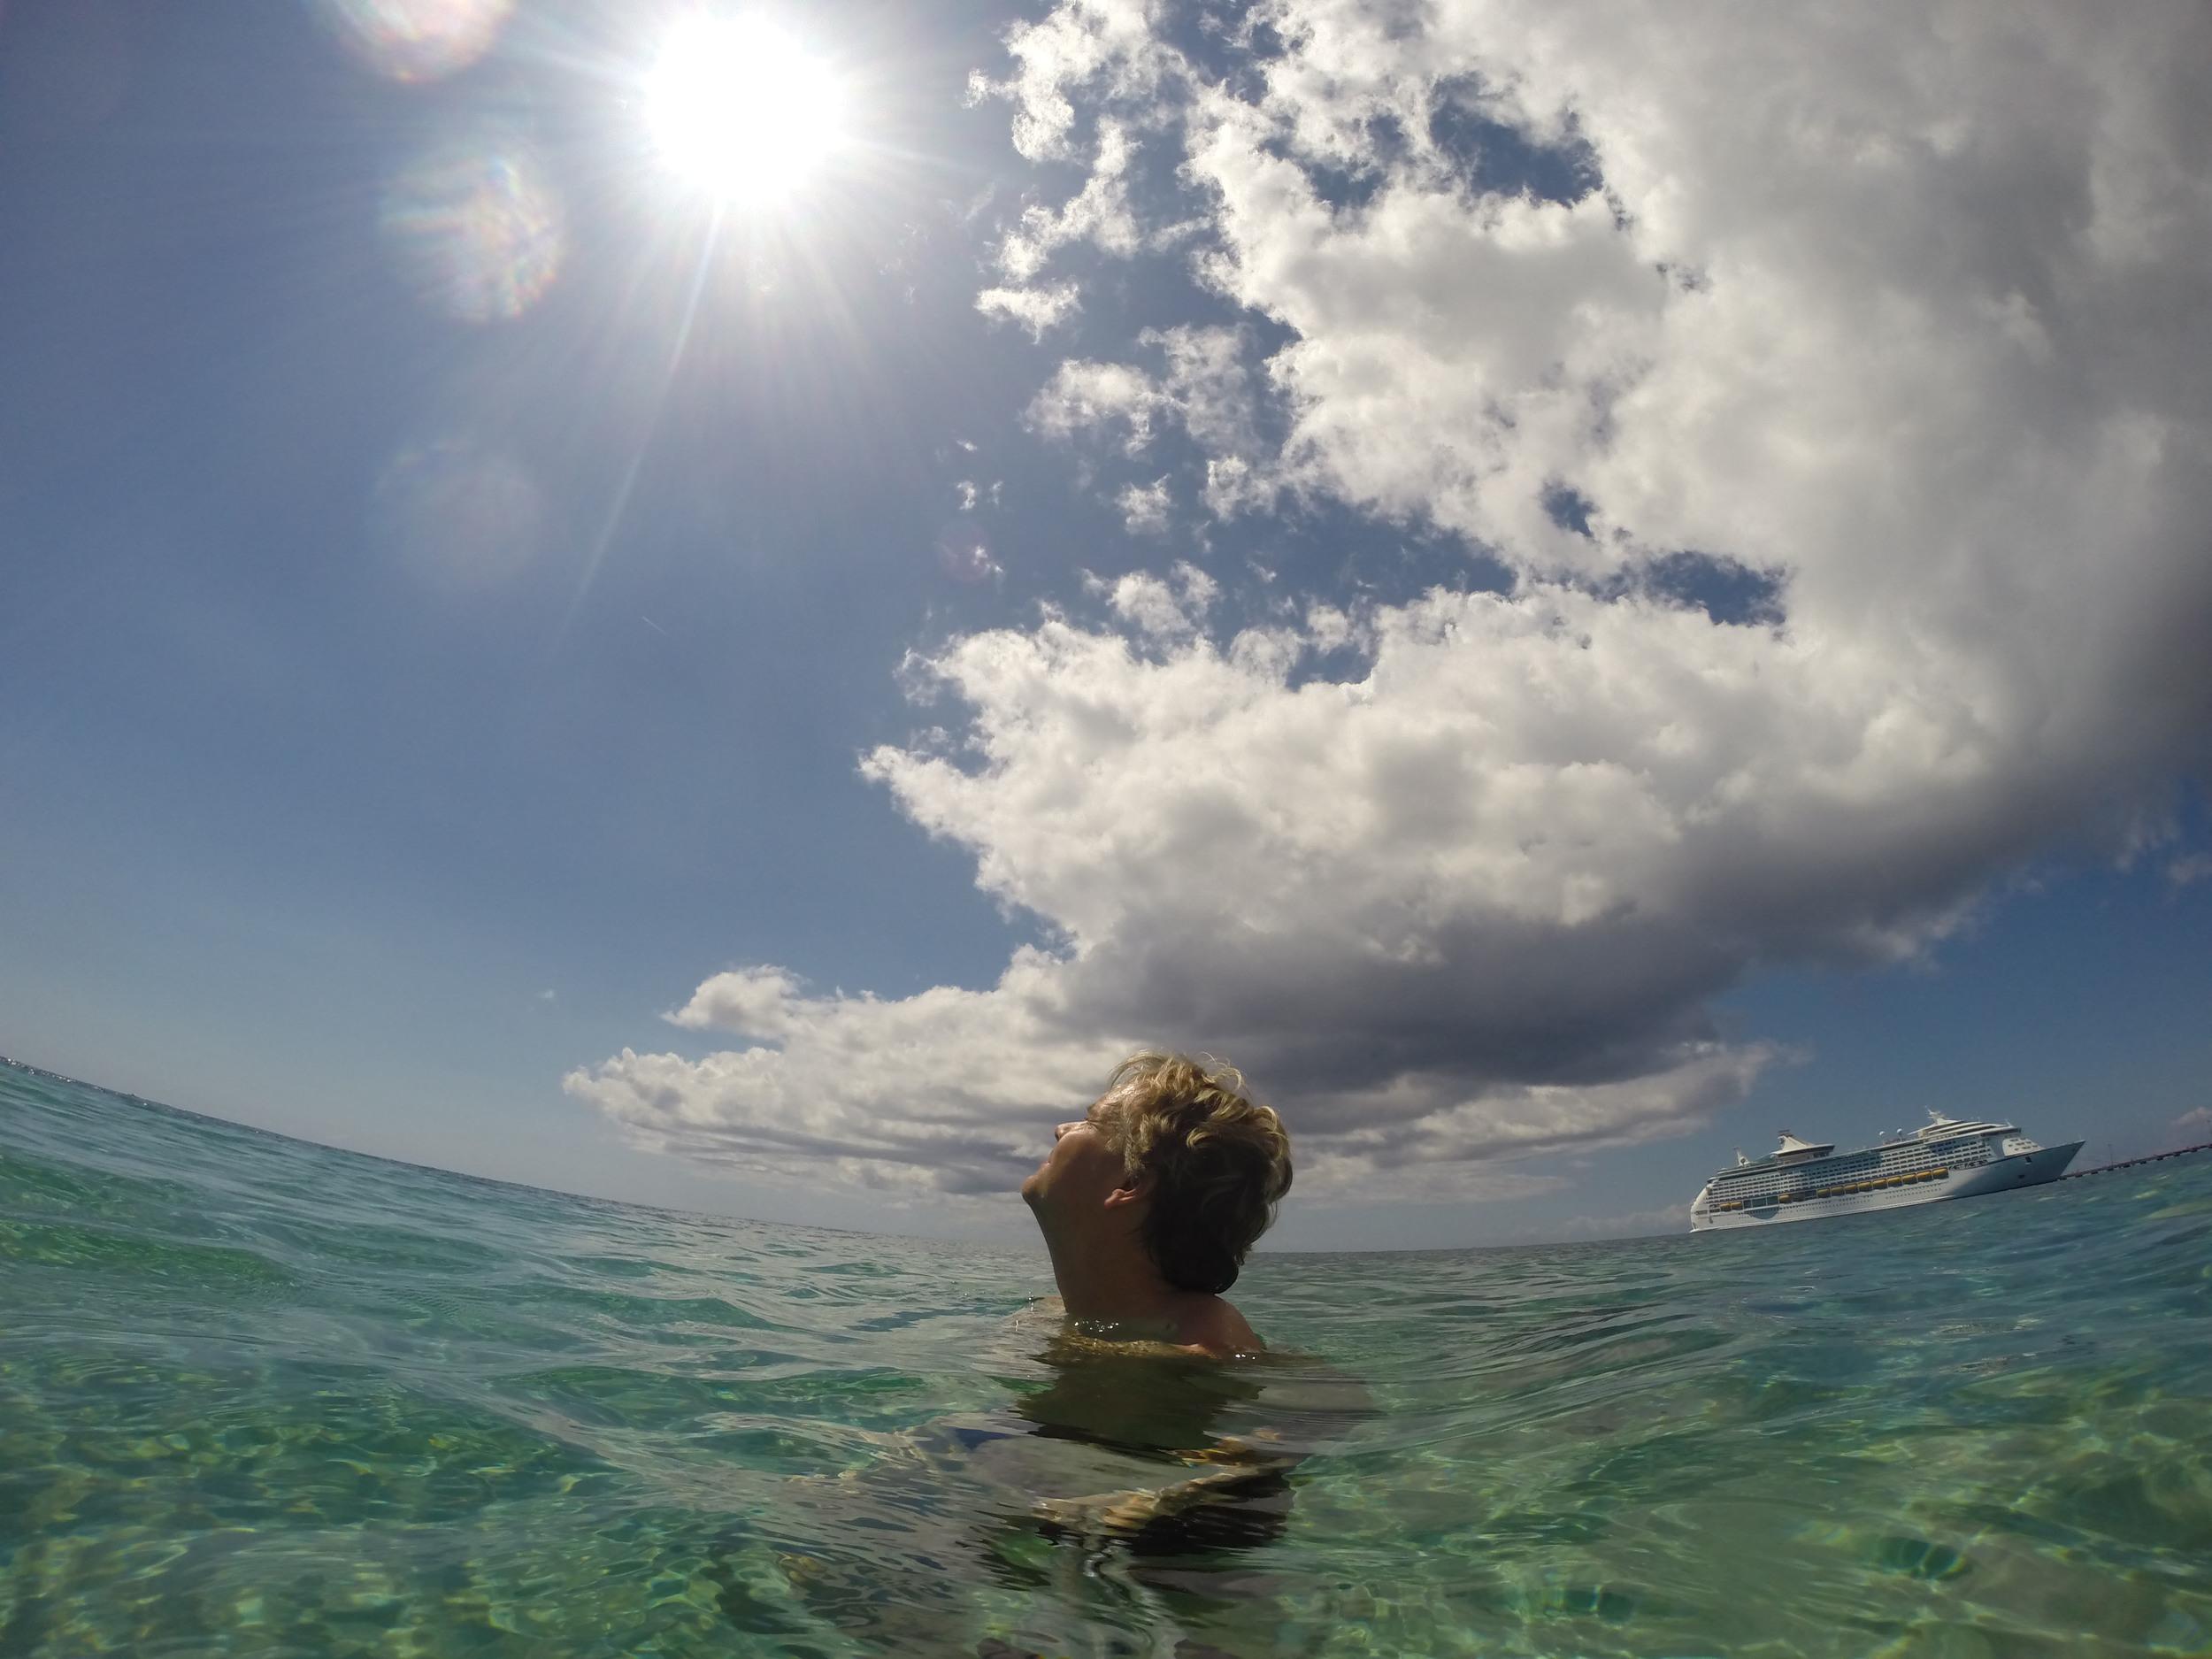 Sun, Sea, Sean, Ship